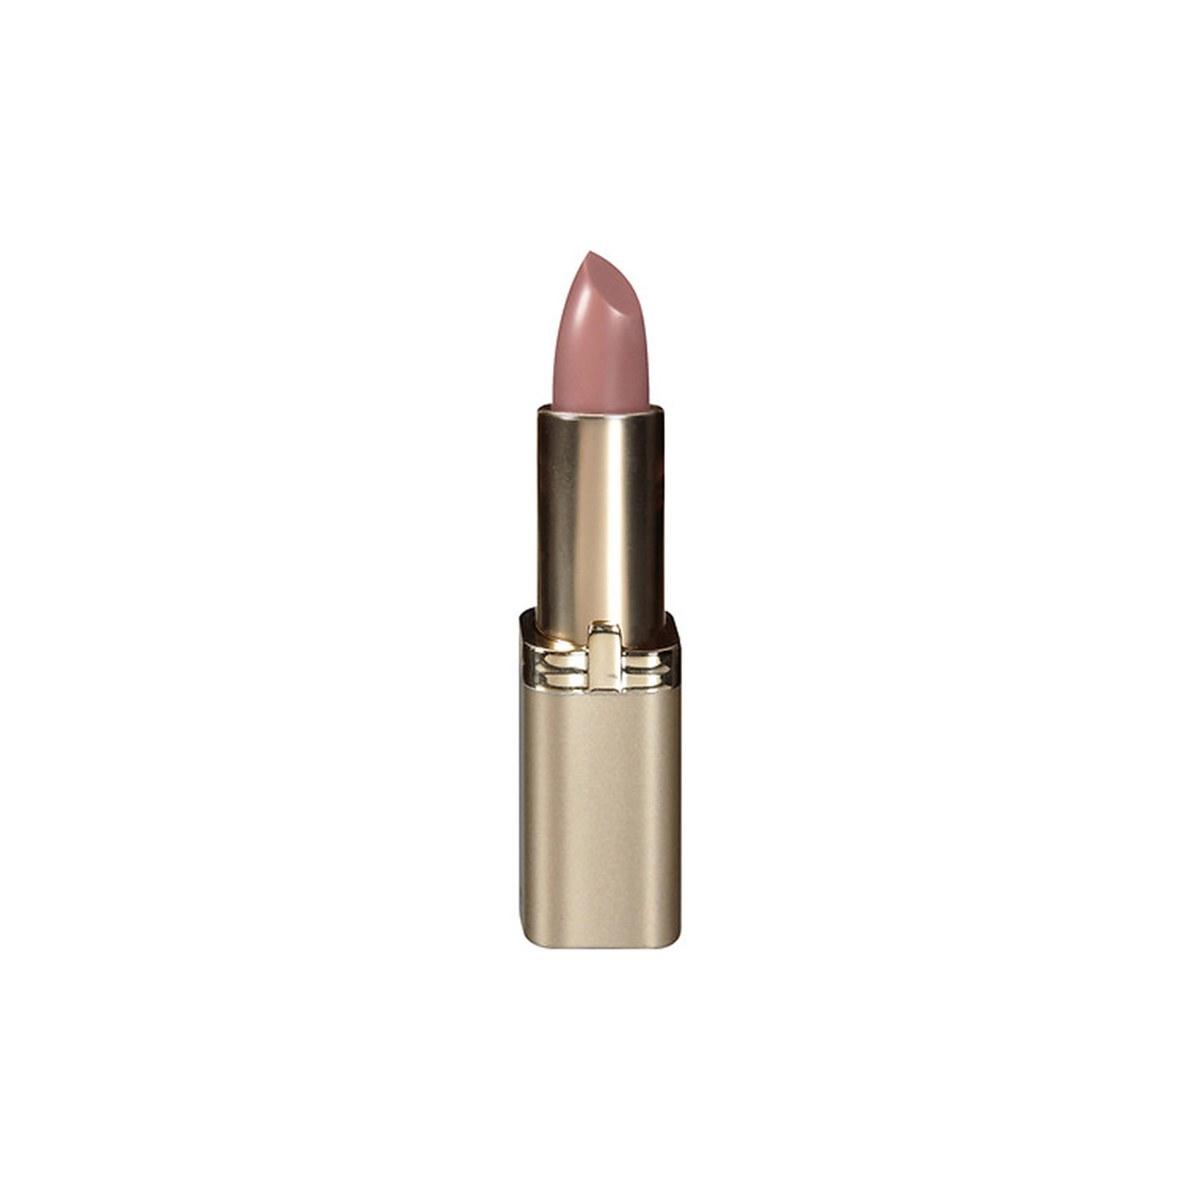 L'Oreal Colour Riche Fairest Nude Lipstick